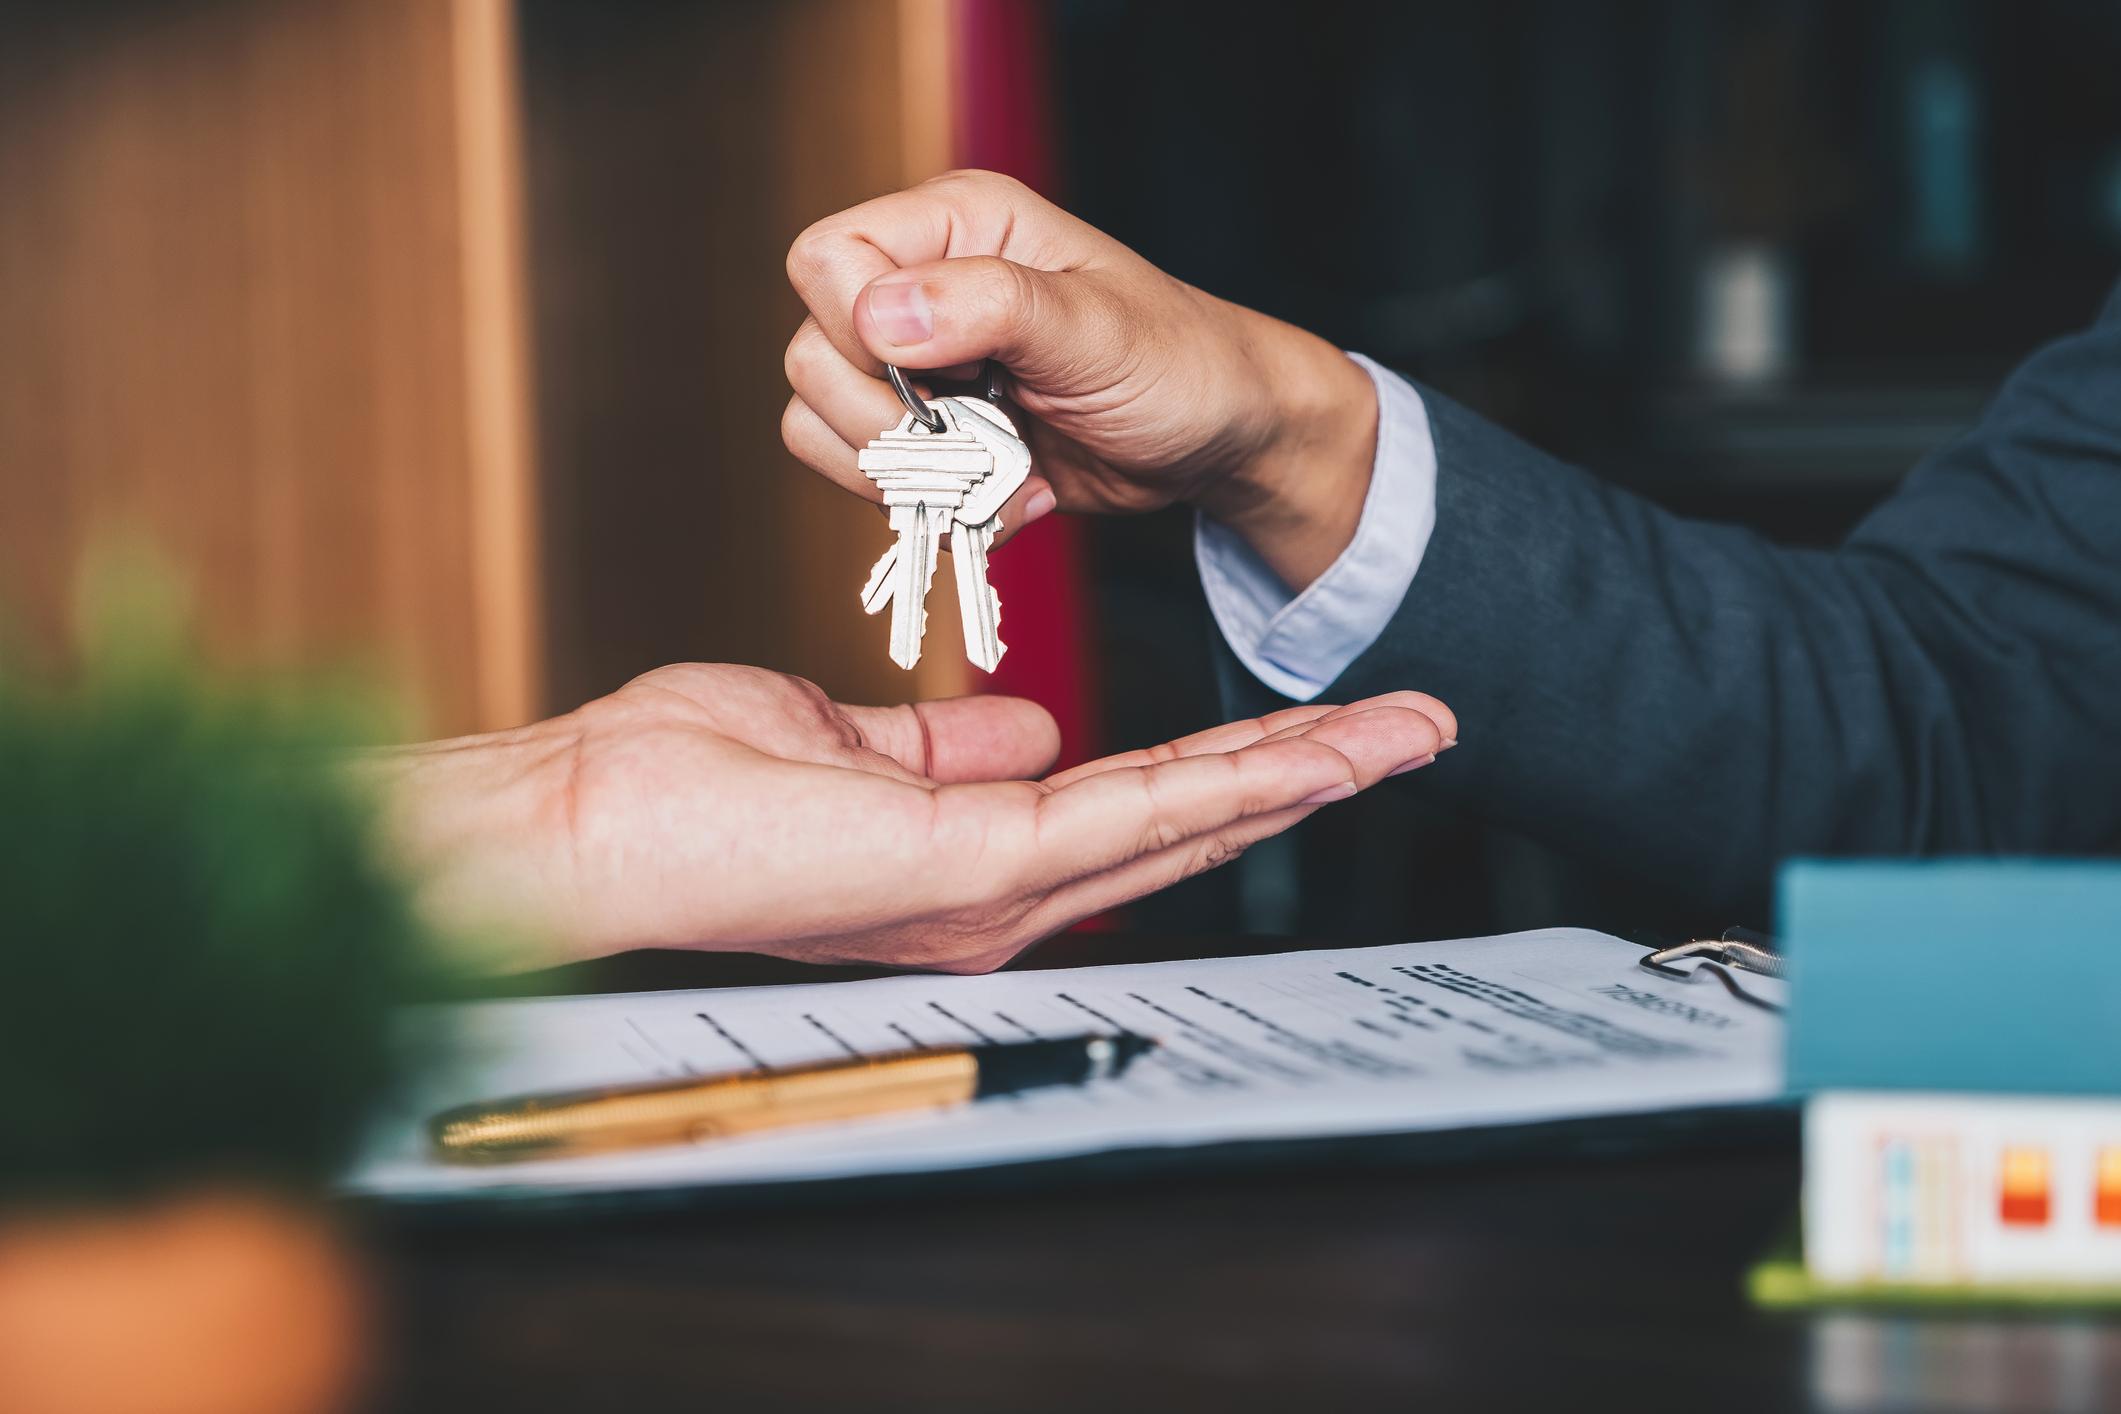 imóvel; aluguel de imóveis; alugar imóveis